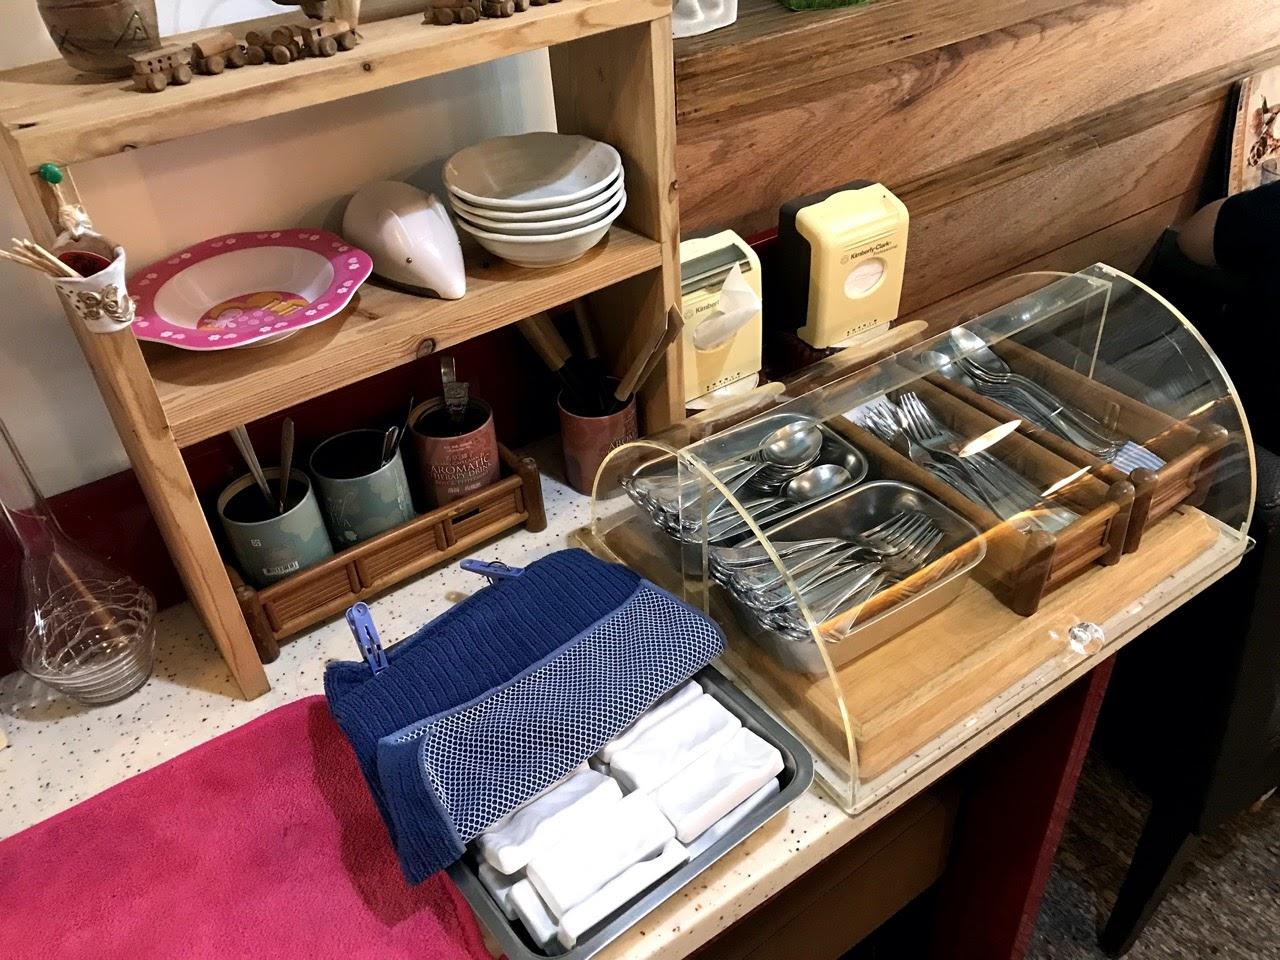 【台南|安南】奶濃。廚房|親子友善的溫馨義式小店